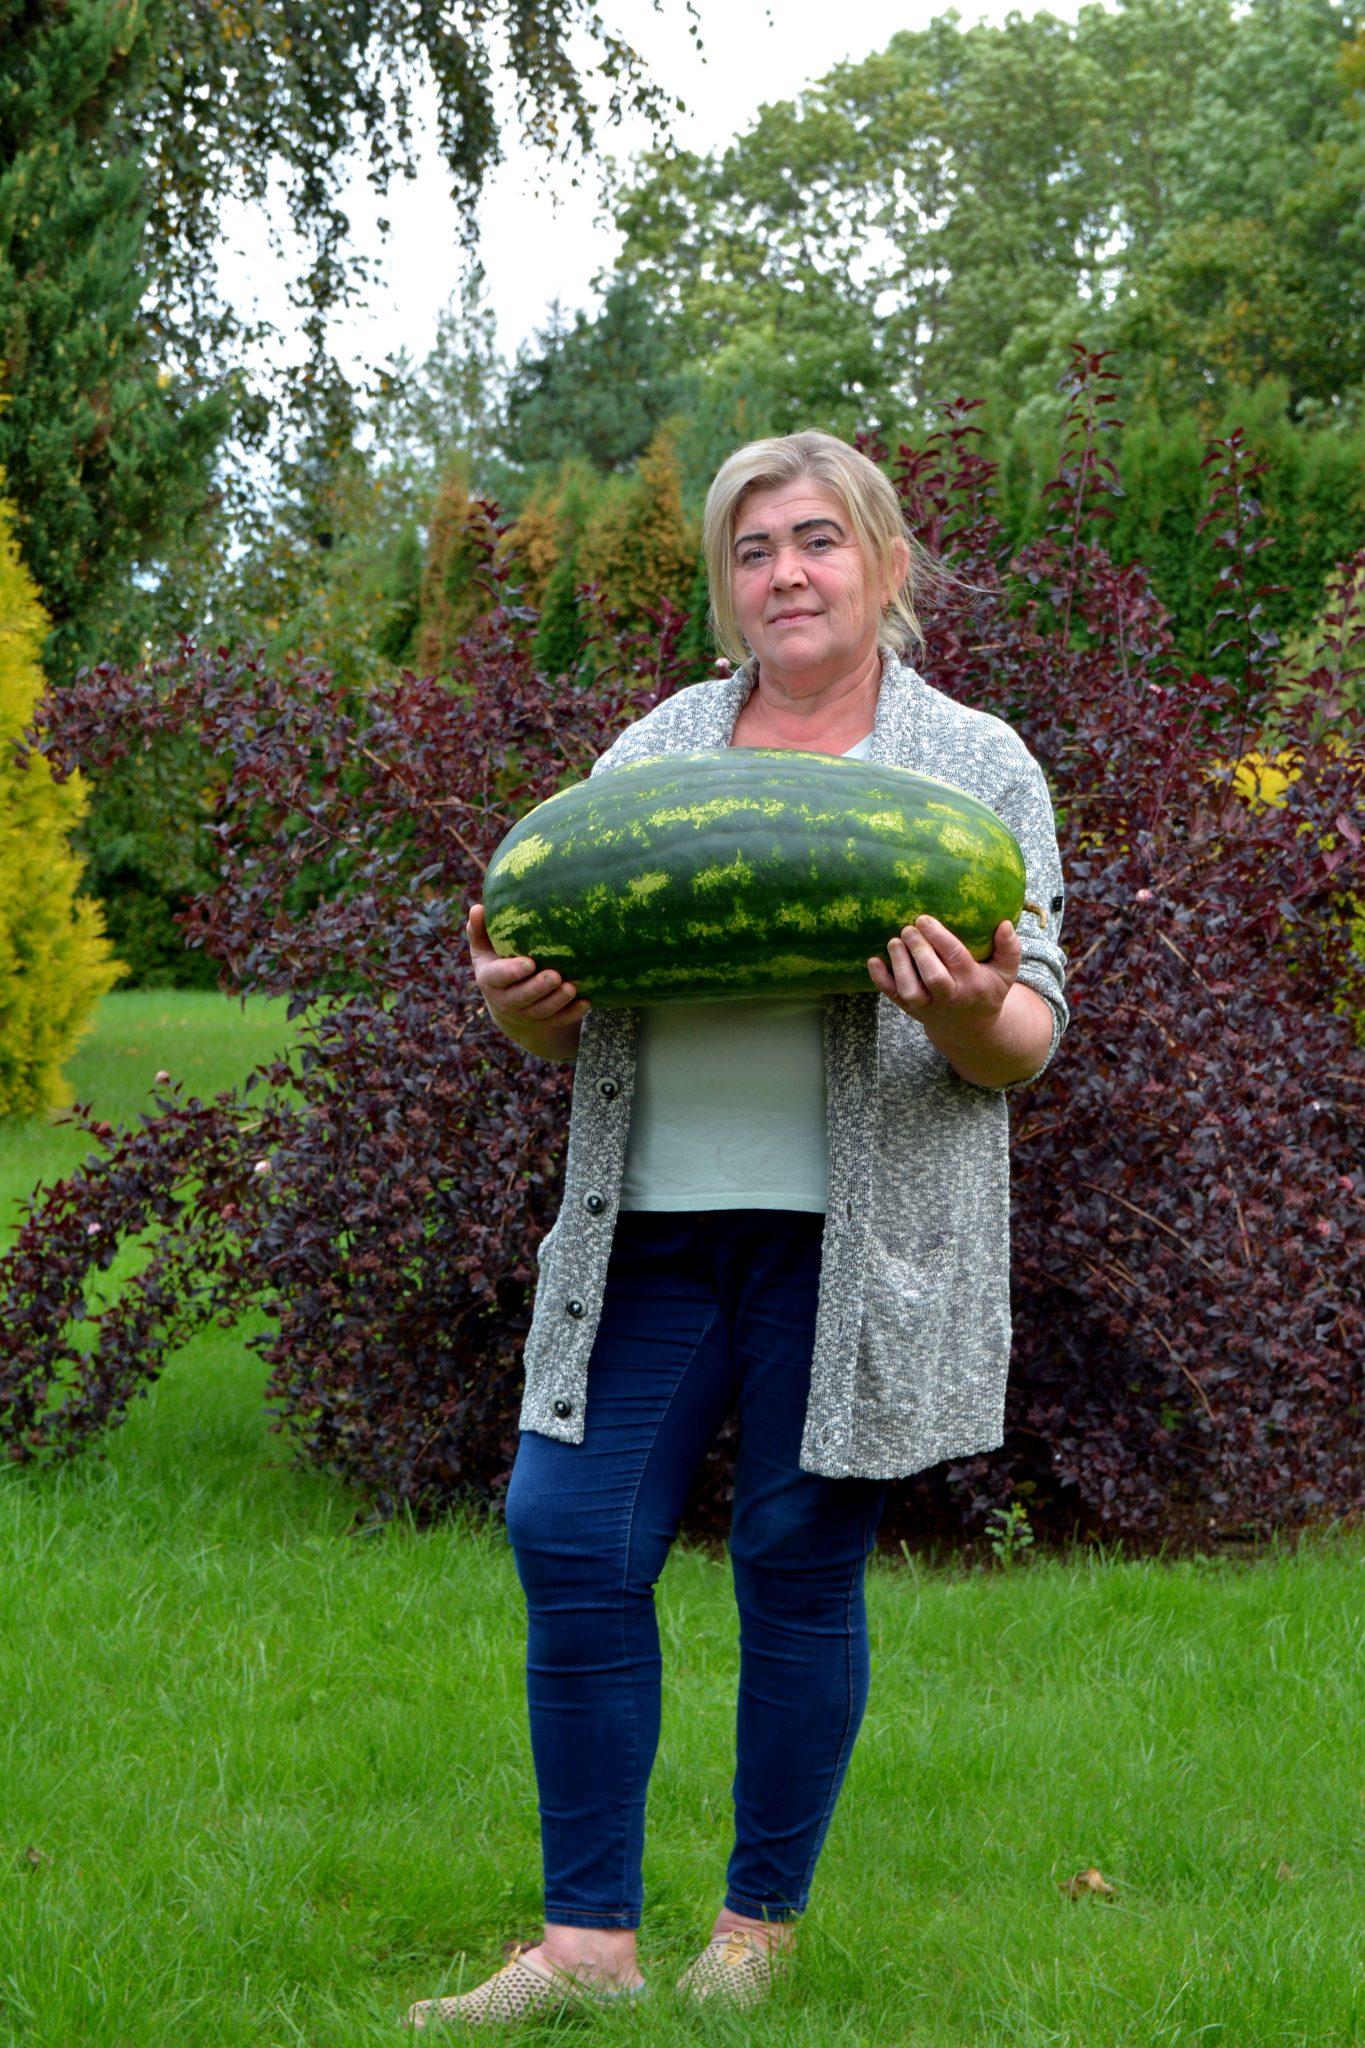 Rekordinio dydžio arbūzas